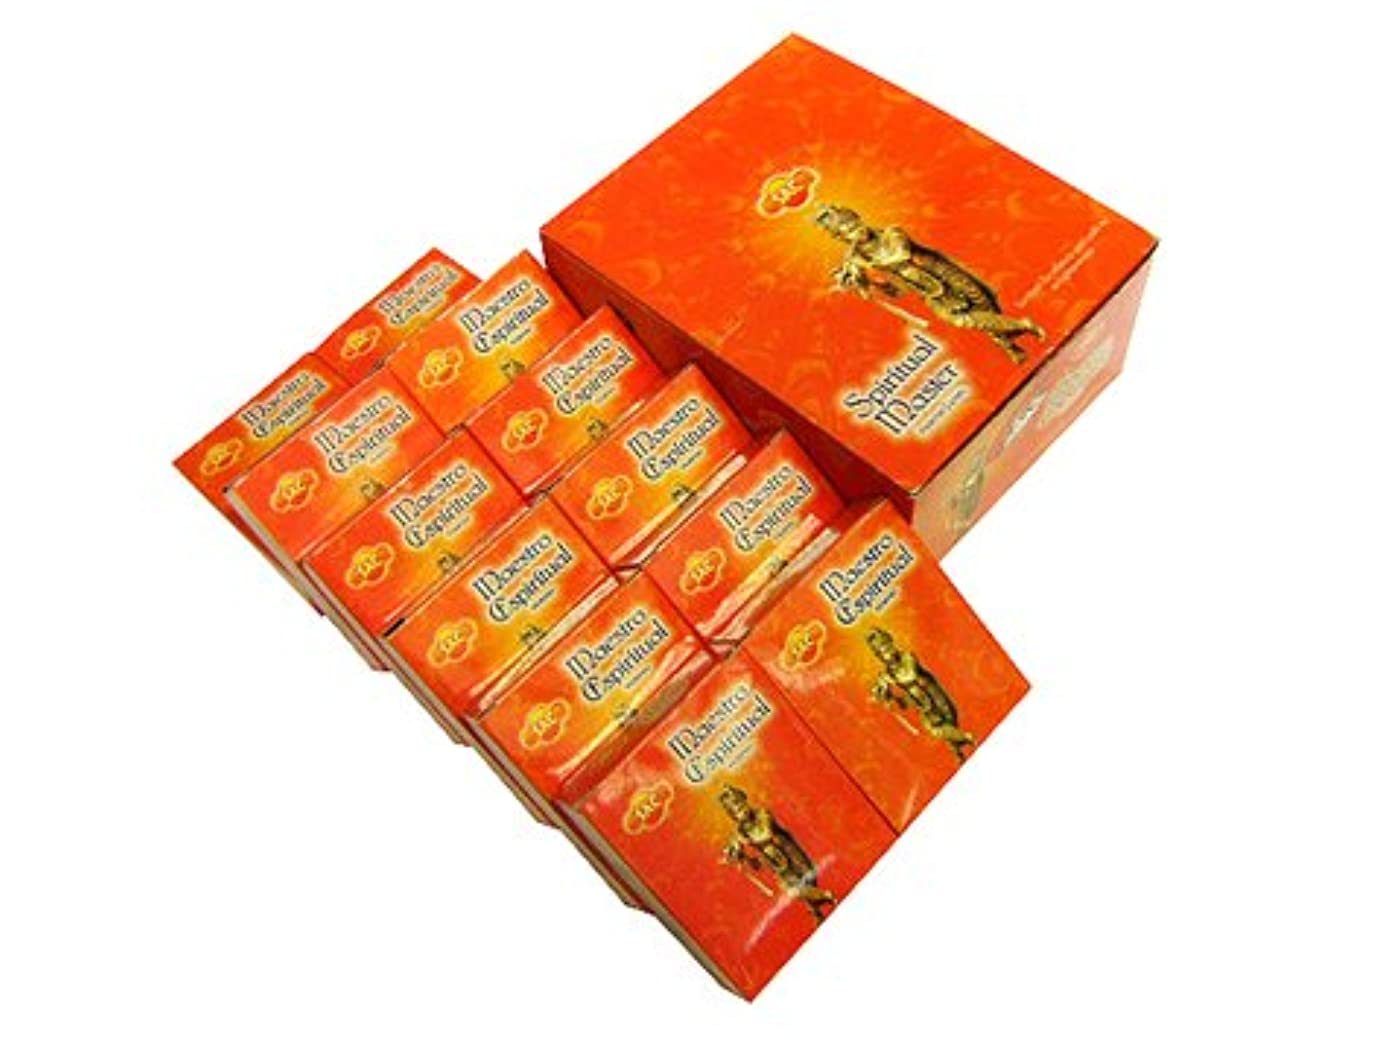 市場包括的呼吸SANDESH SAC (サンデッシュ) スピリチュアルマスター香コーンタイプ SPIRITUAL MASTER CORN 12箱セット